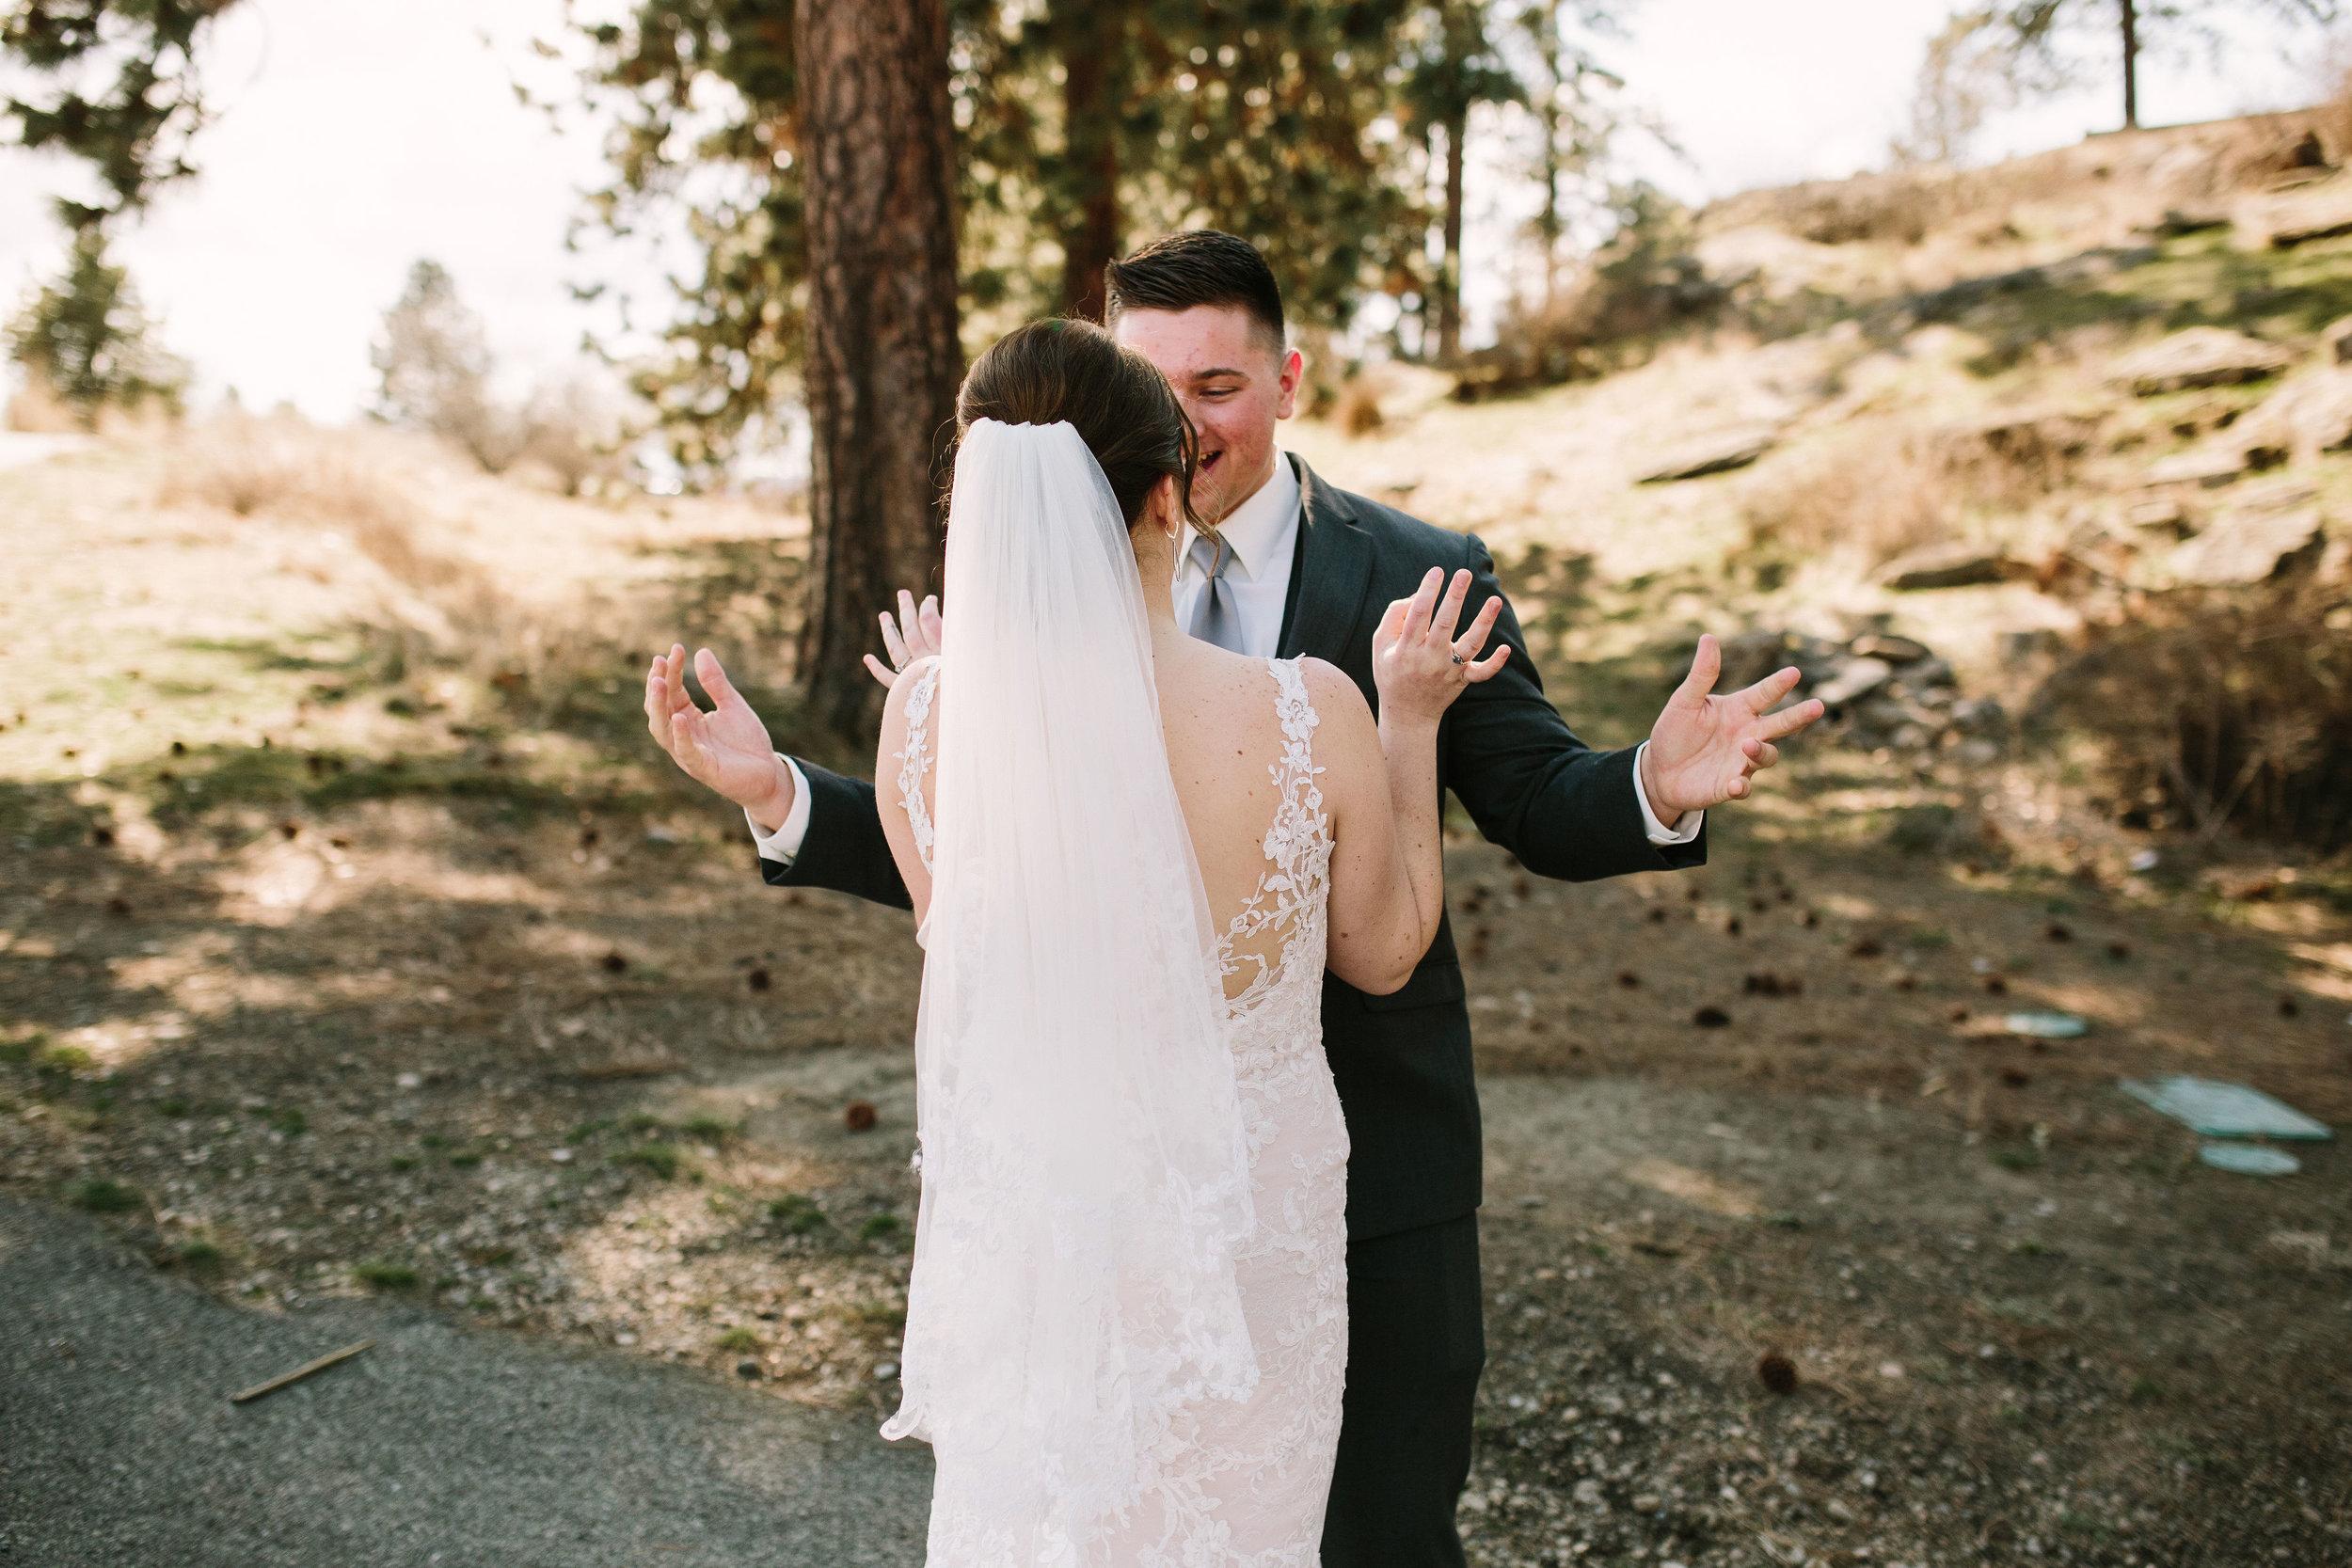 Fun Rustic spokane wedding groom happy to see bride first reaction surprised